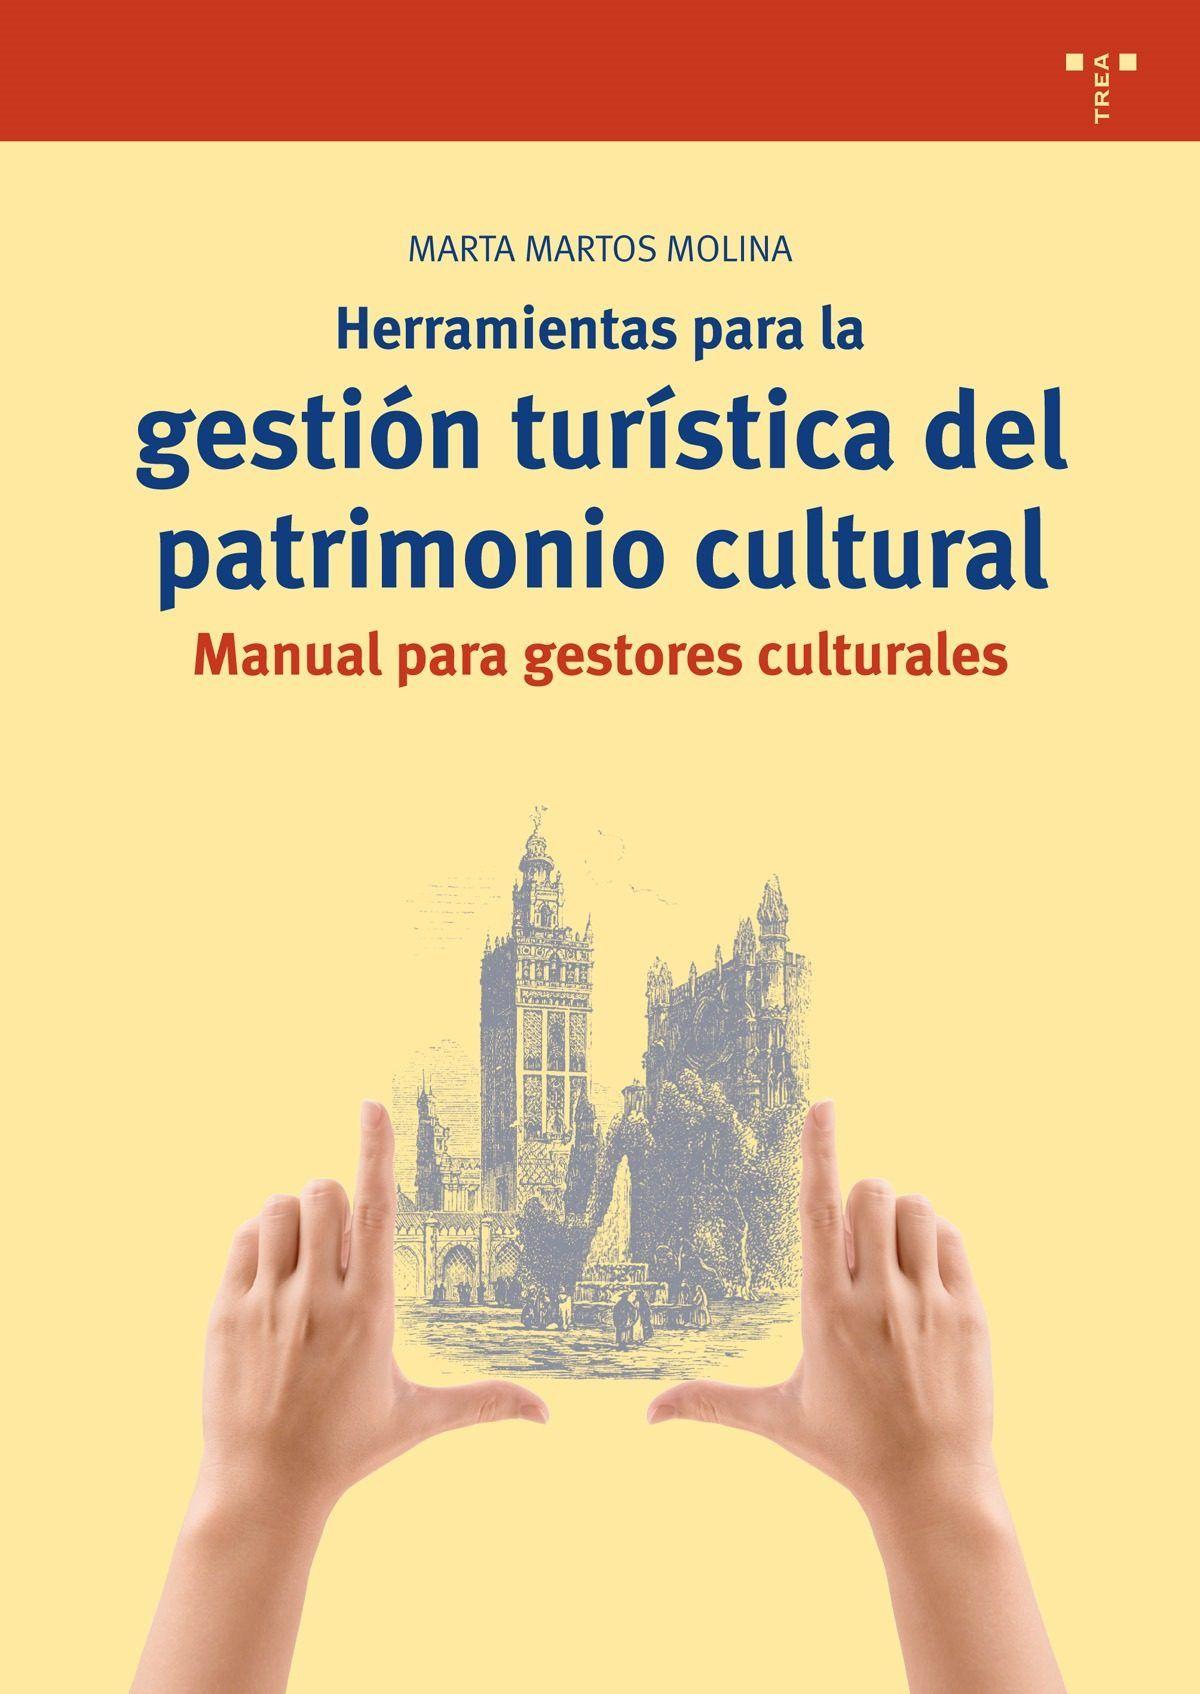 Herramientas para la gestión turística del patrimonio cultural : manual para gestores culturales / Marta Martos Molina. Trea, D.L. 2016